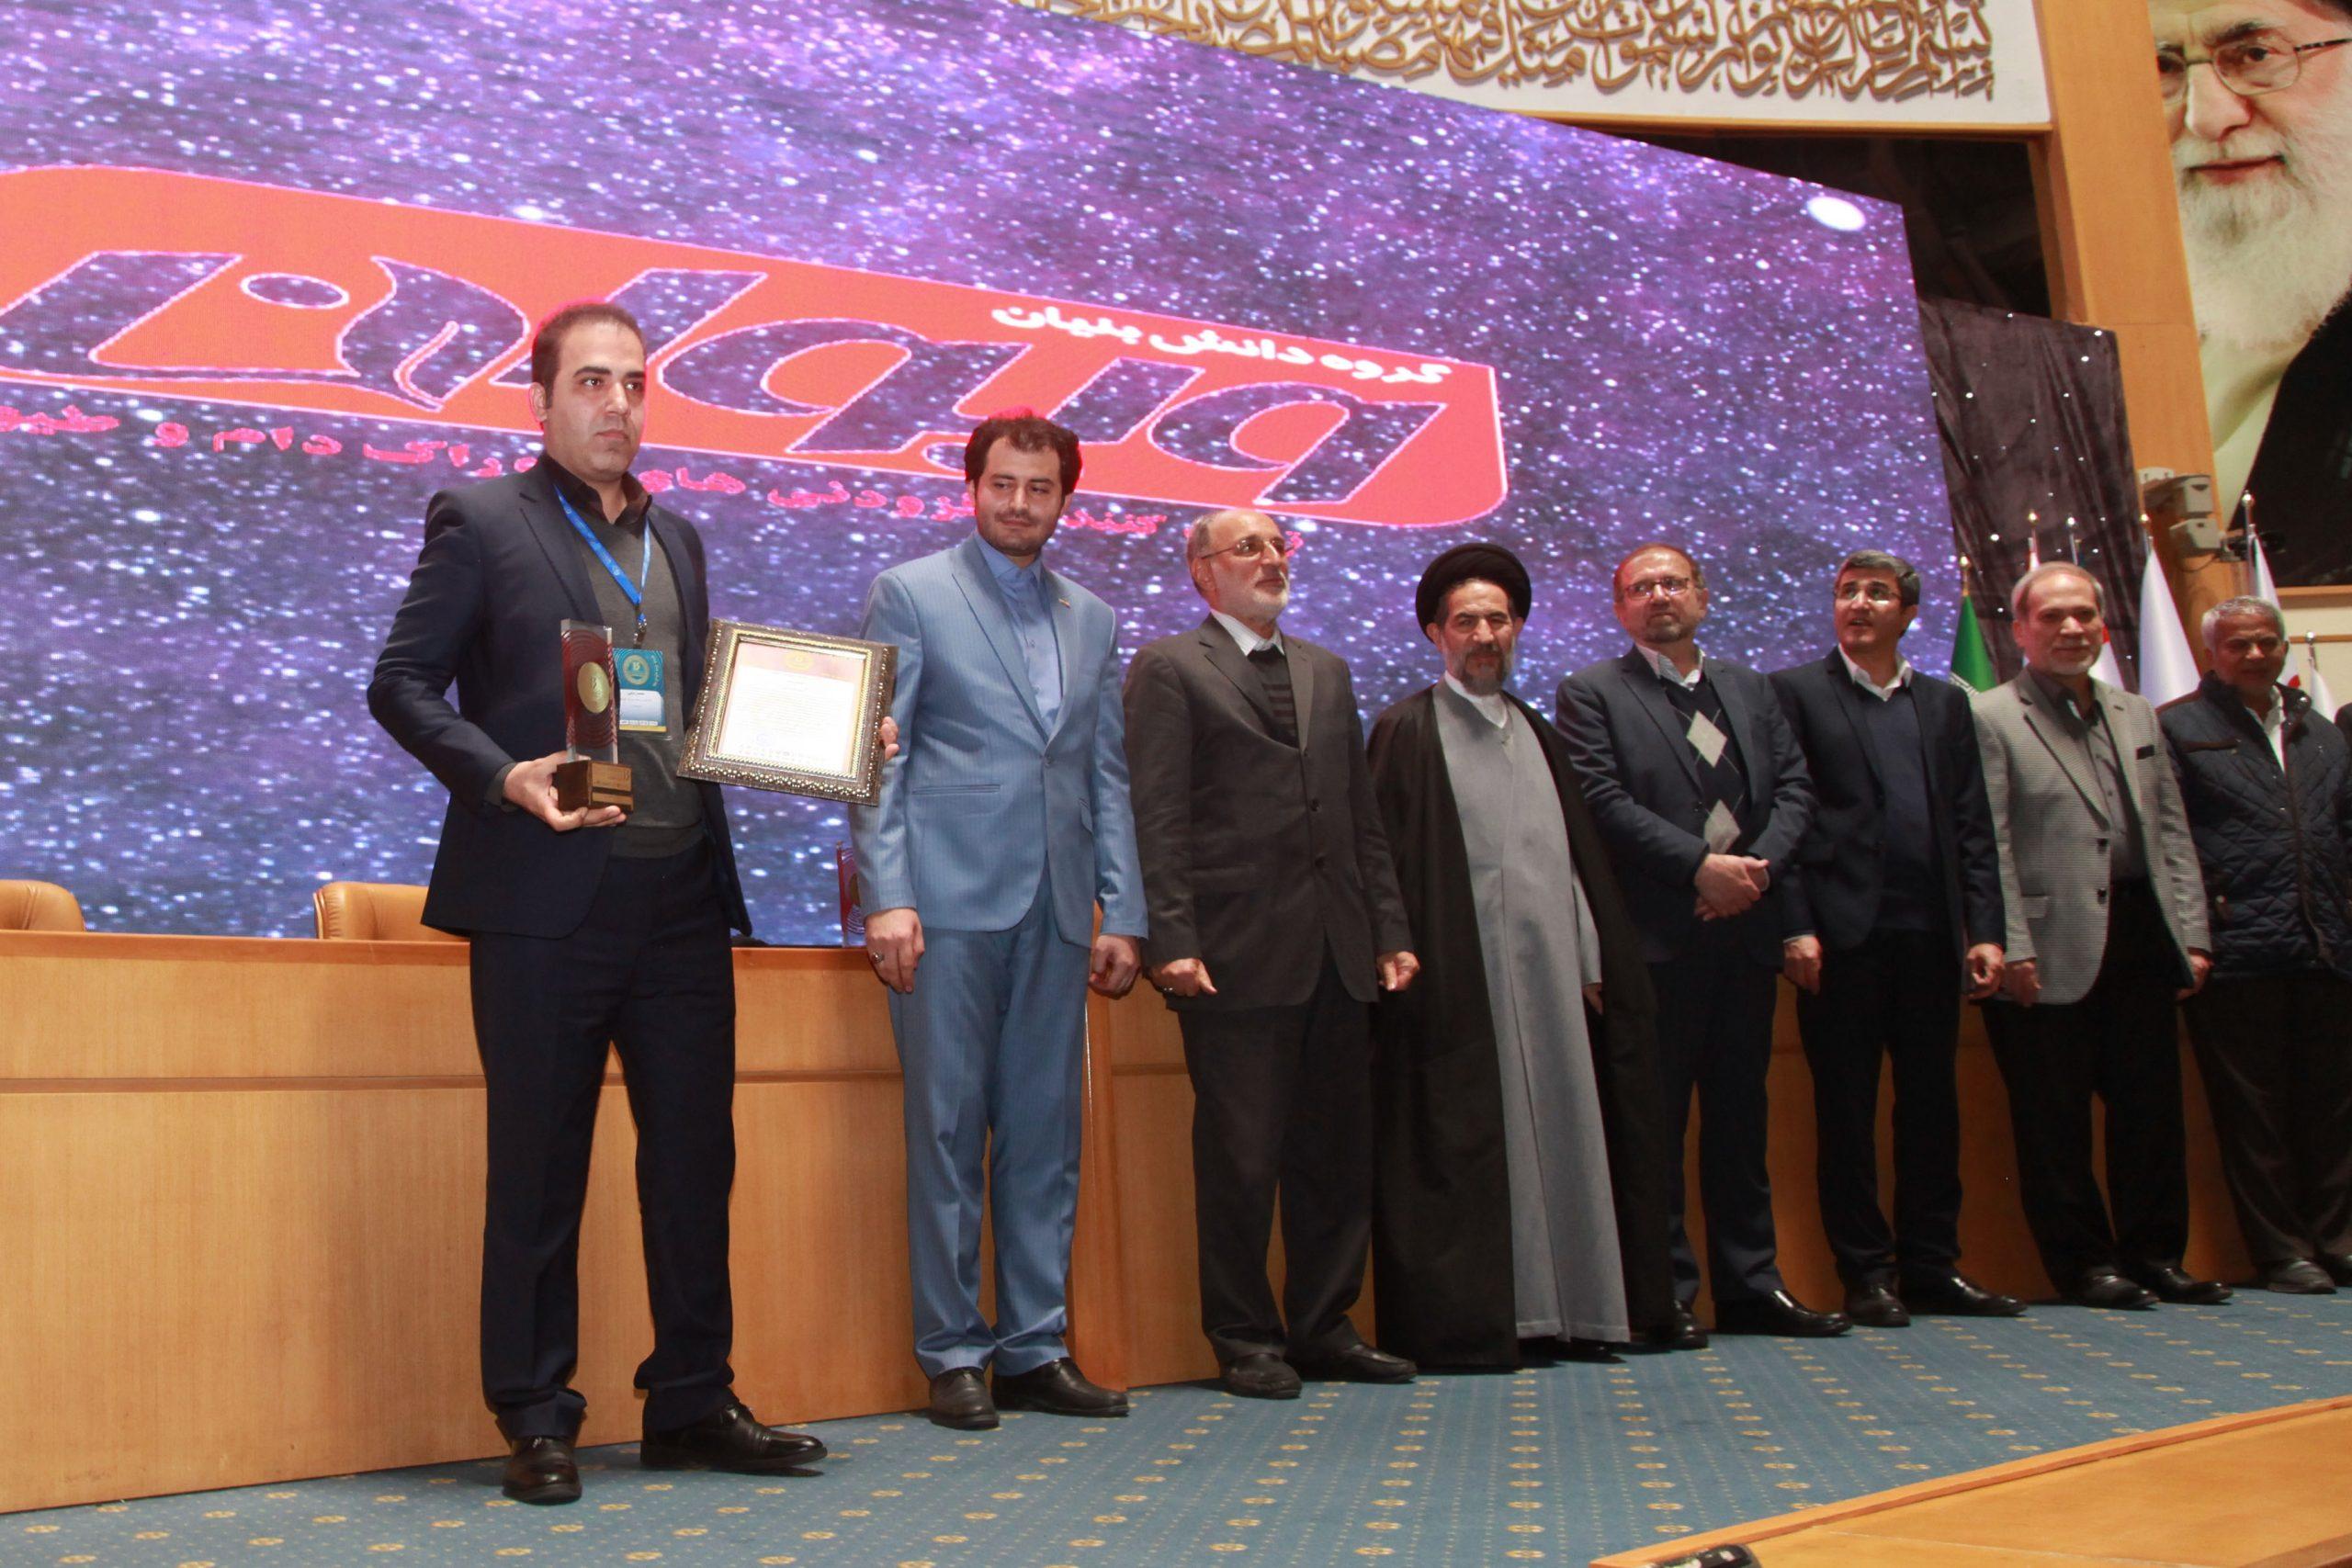 شرکت فولاد خوزستان سردمدار پیادهسازی استراتژی اقتصاد مقاومتی